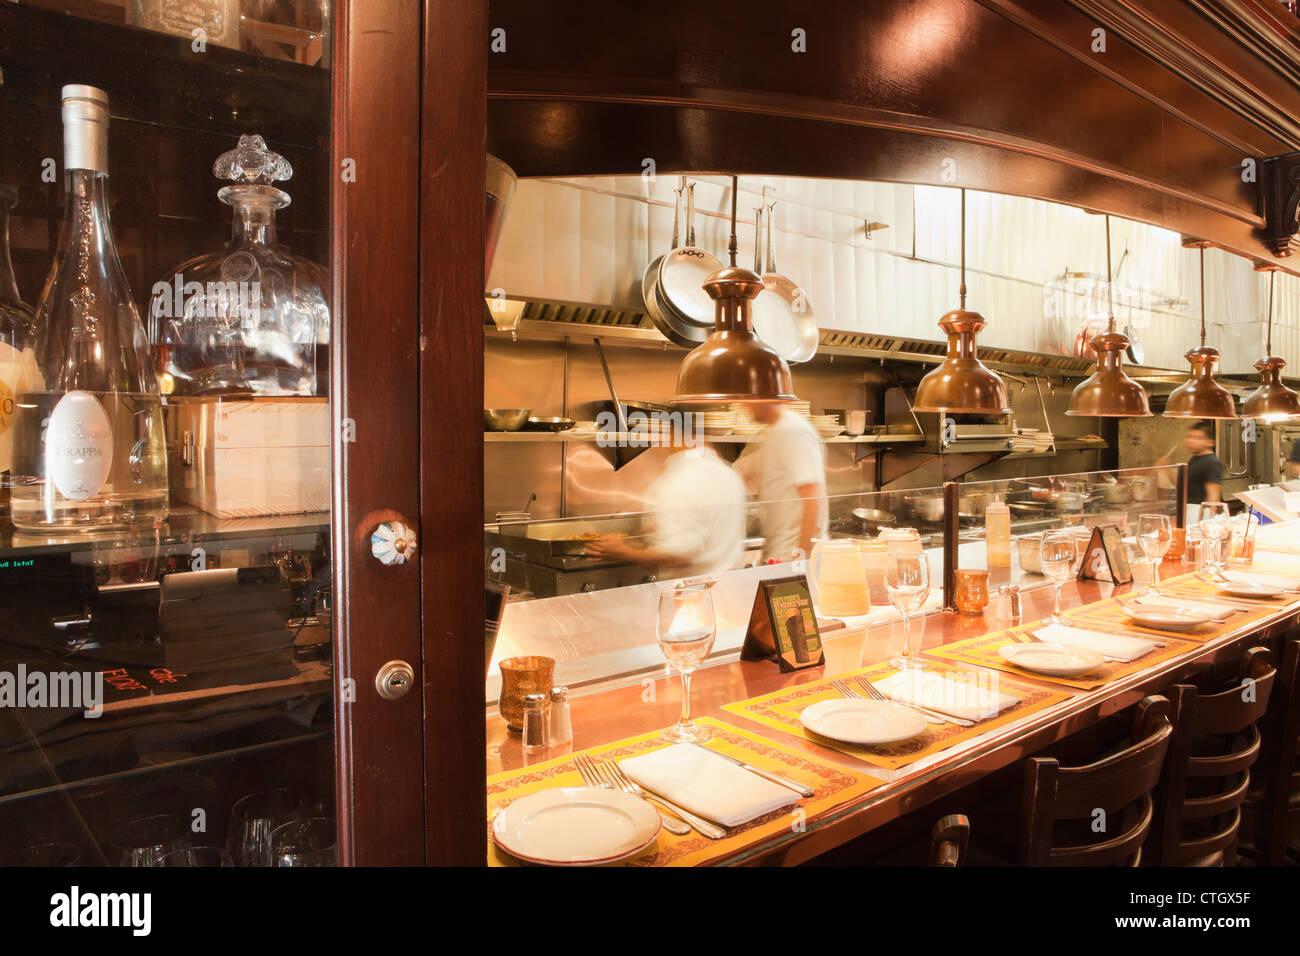 Kitchen Cafe Fiore Ventura California United States Of America